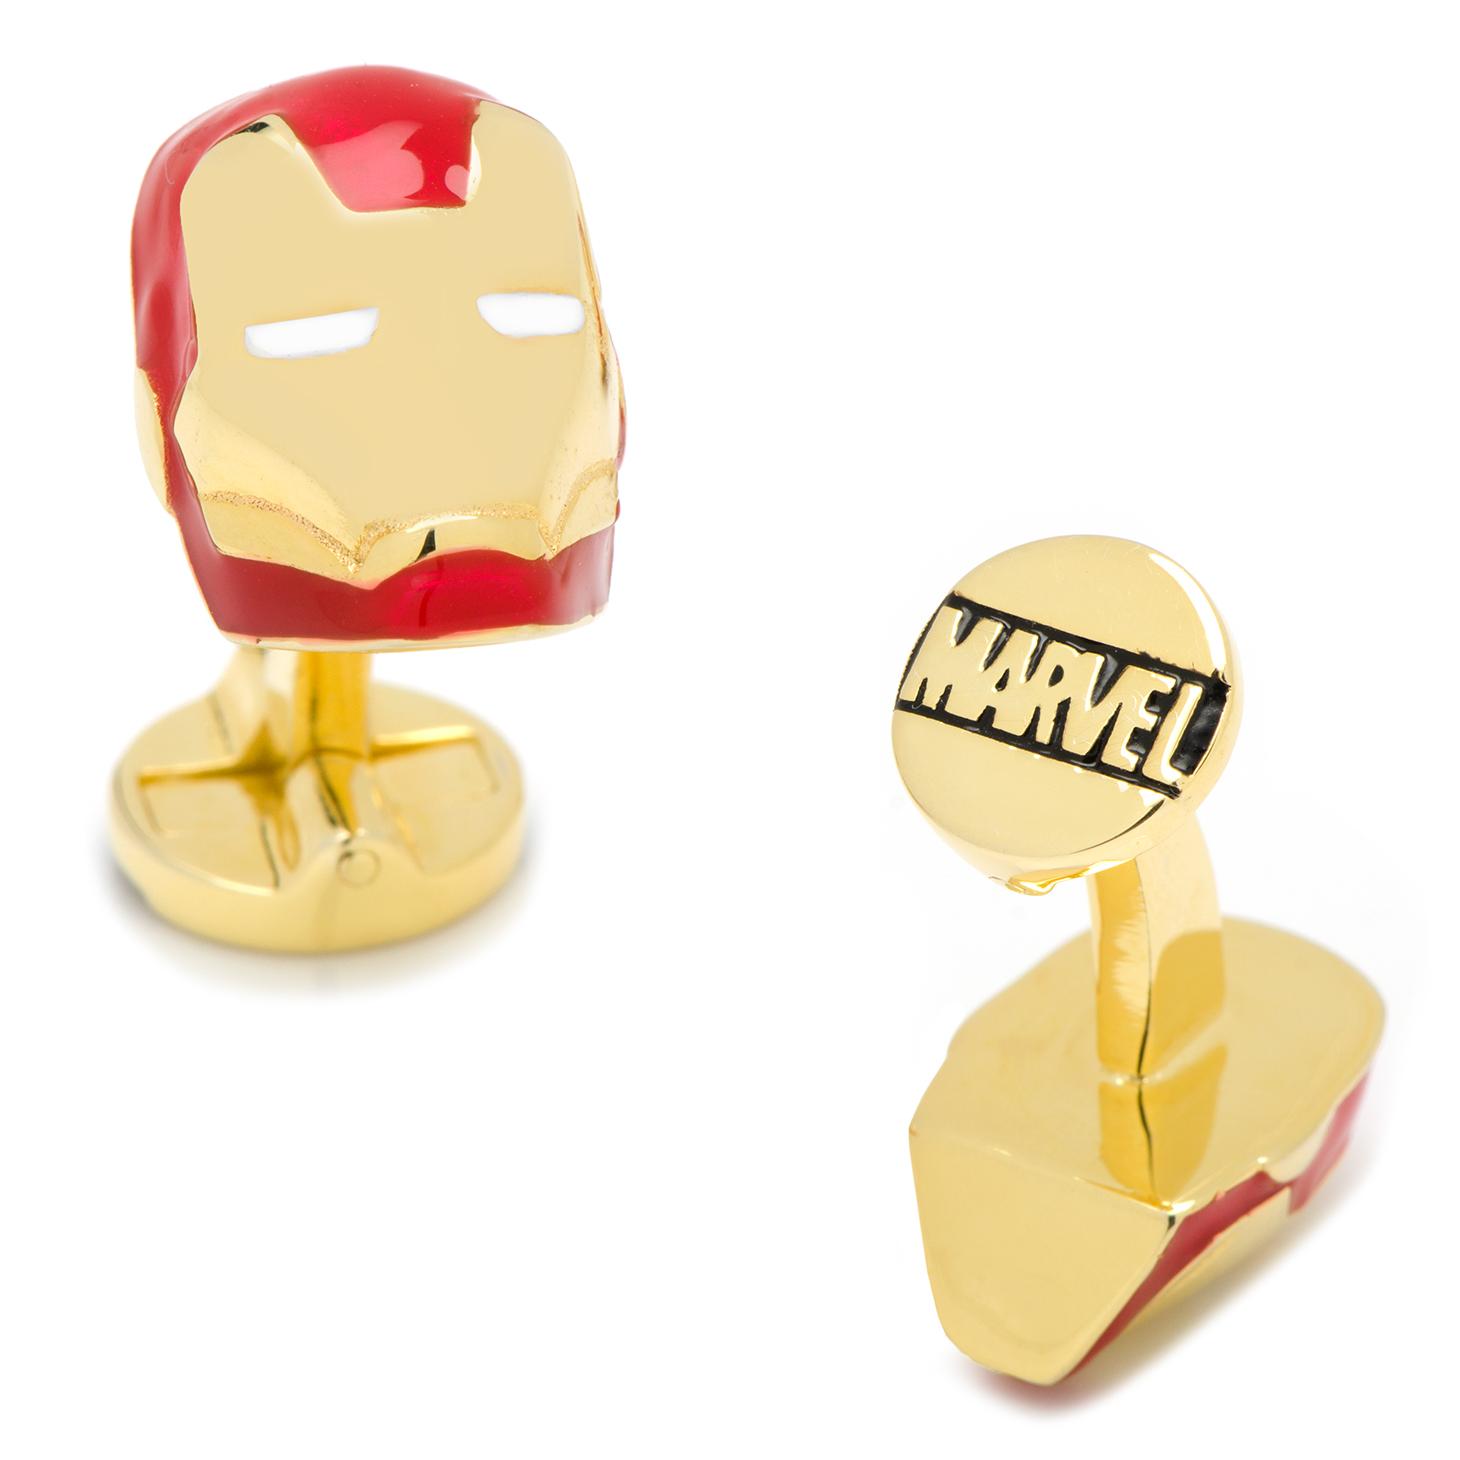 3D Iron Man Cufflinks